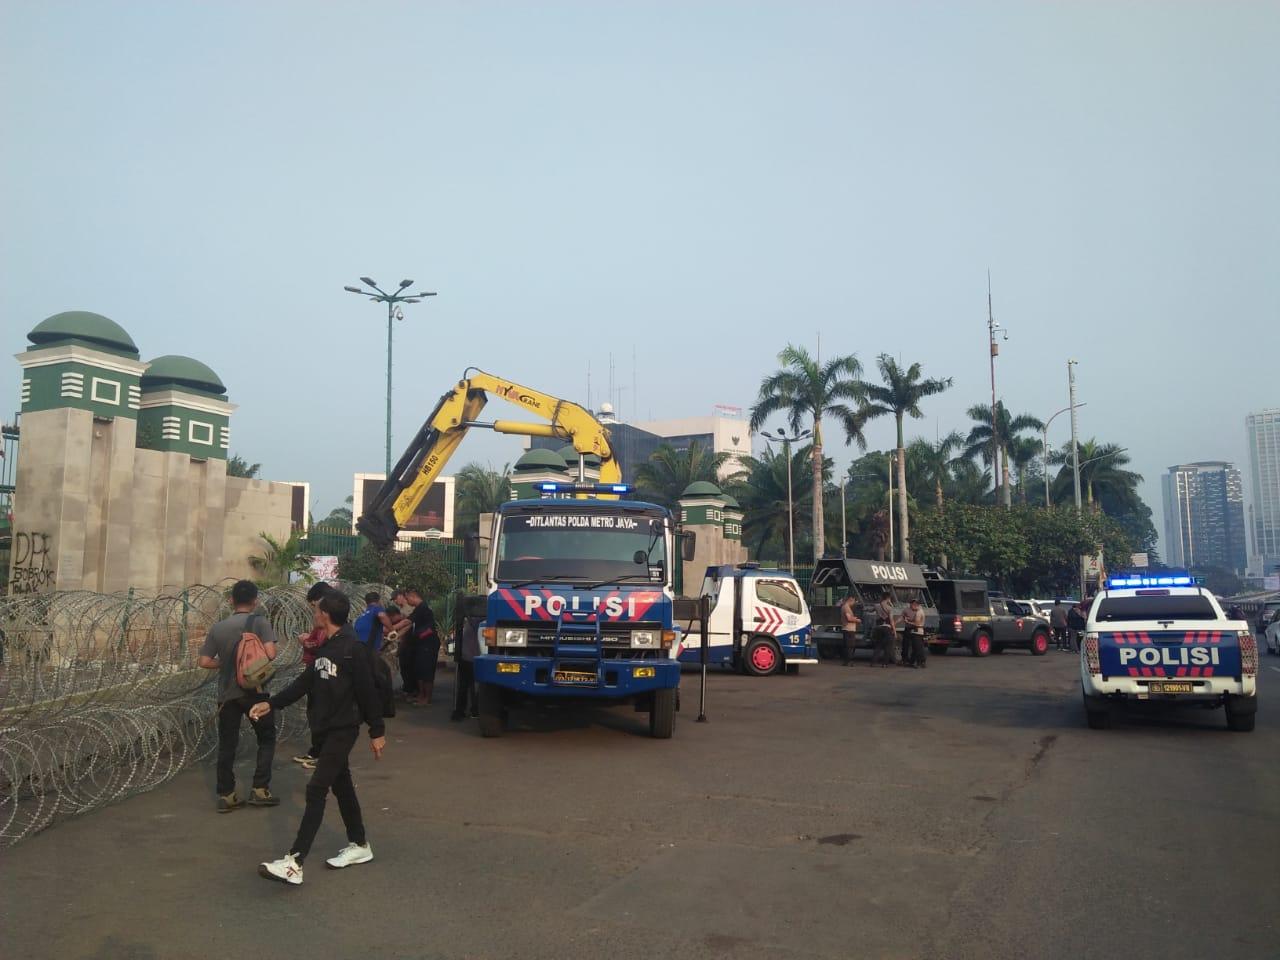 Kawat Duri dan Pembatas Beton Mulai Dipasang di Gerbang Utama DPR, Siapa Ketakutan?